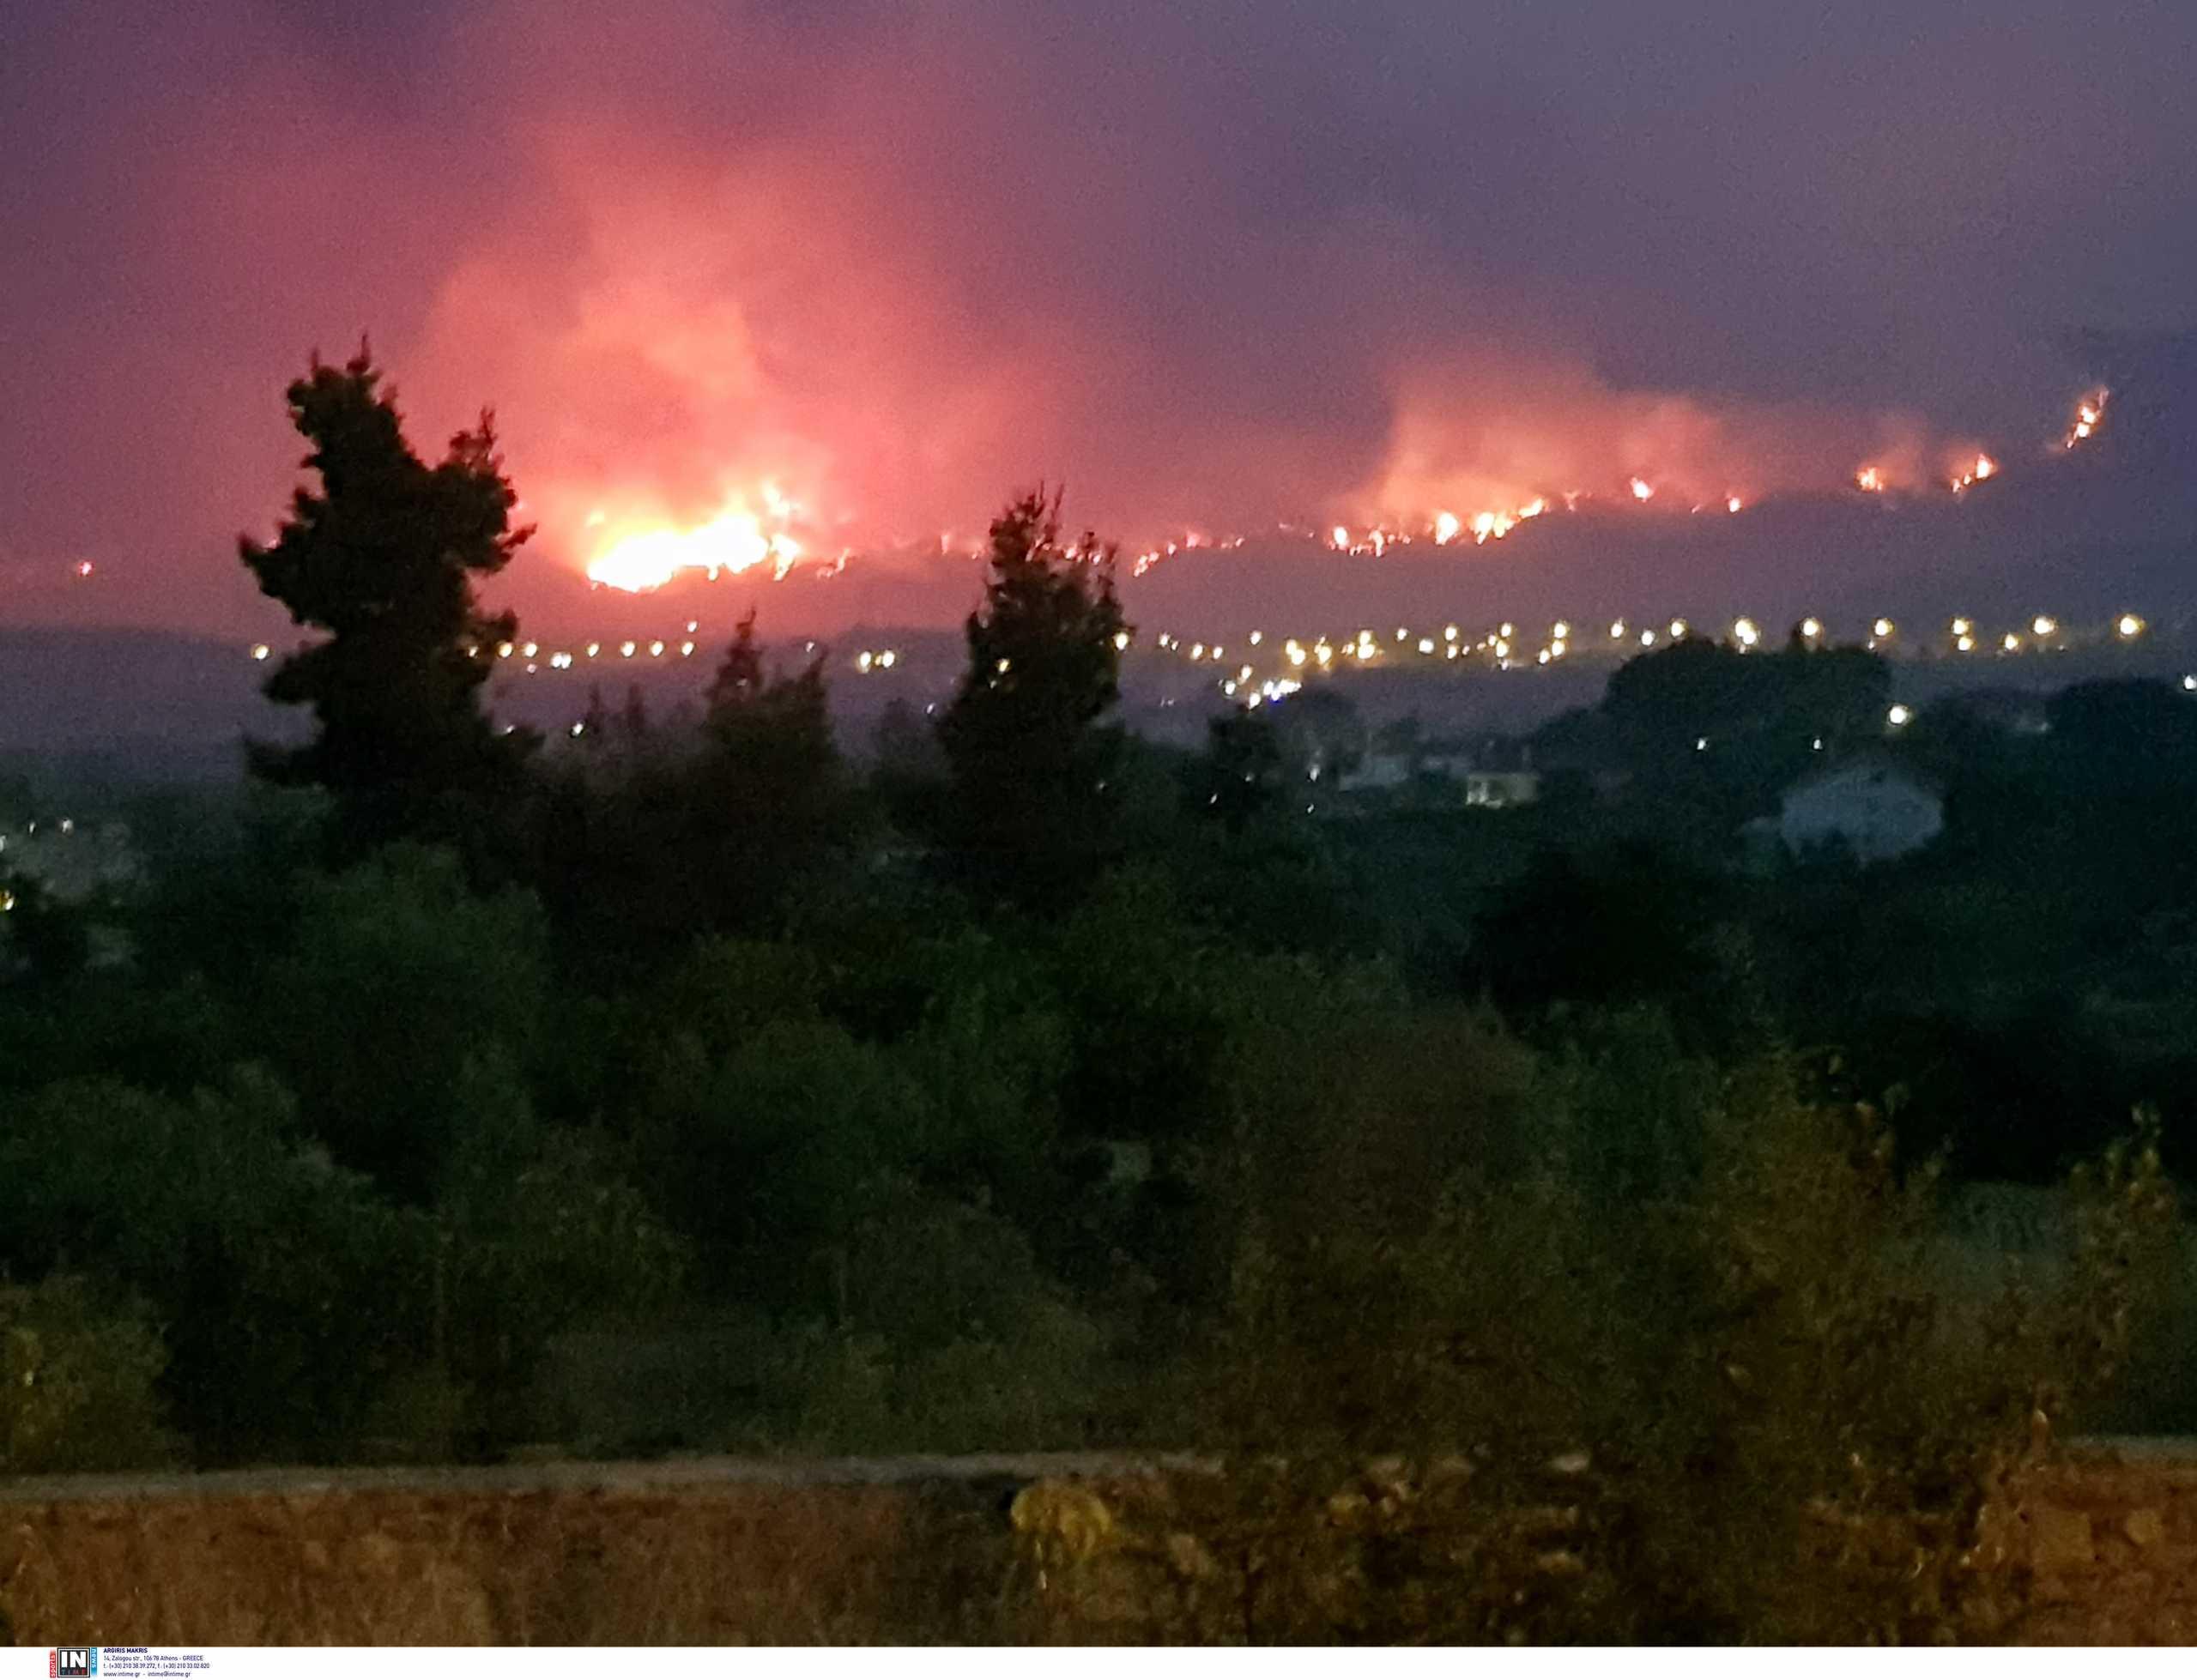 Φωτιές – Πολιτική Προστασία: Πολύ μεγάλος κίνδυνος σε πολλές περιοχές το Σάββατο 14/08